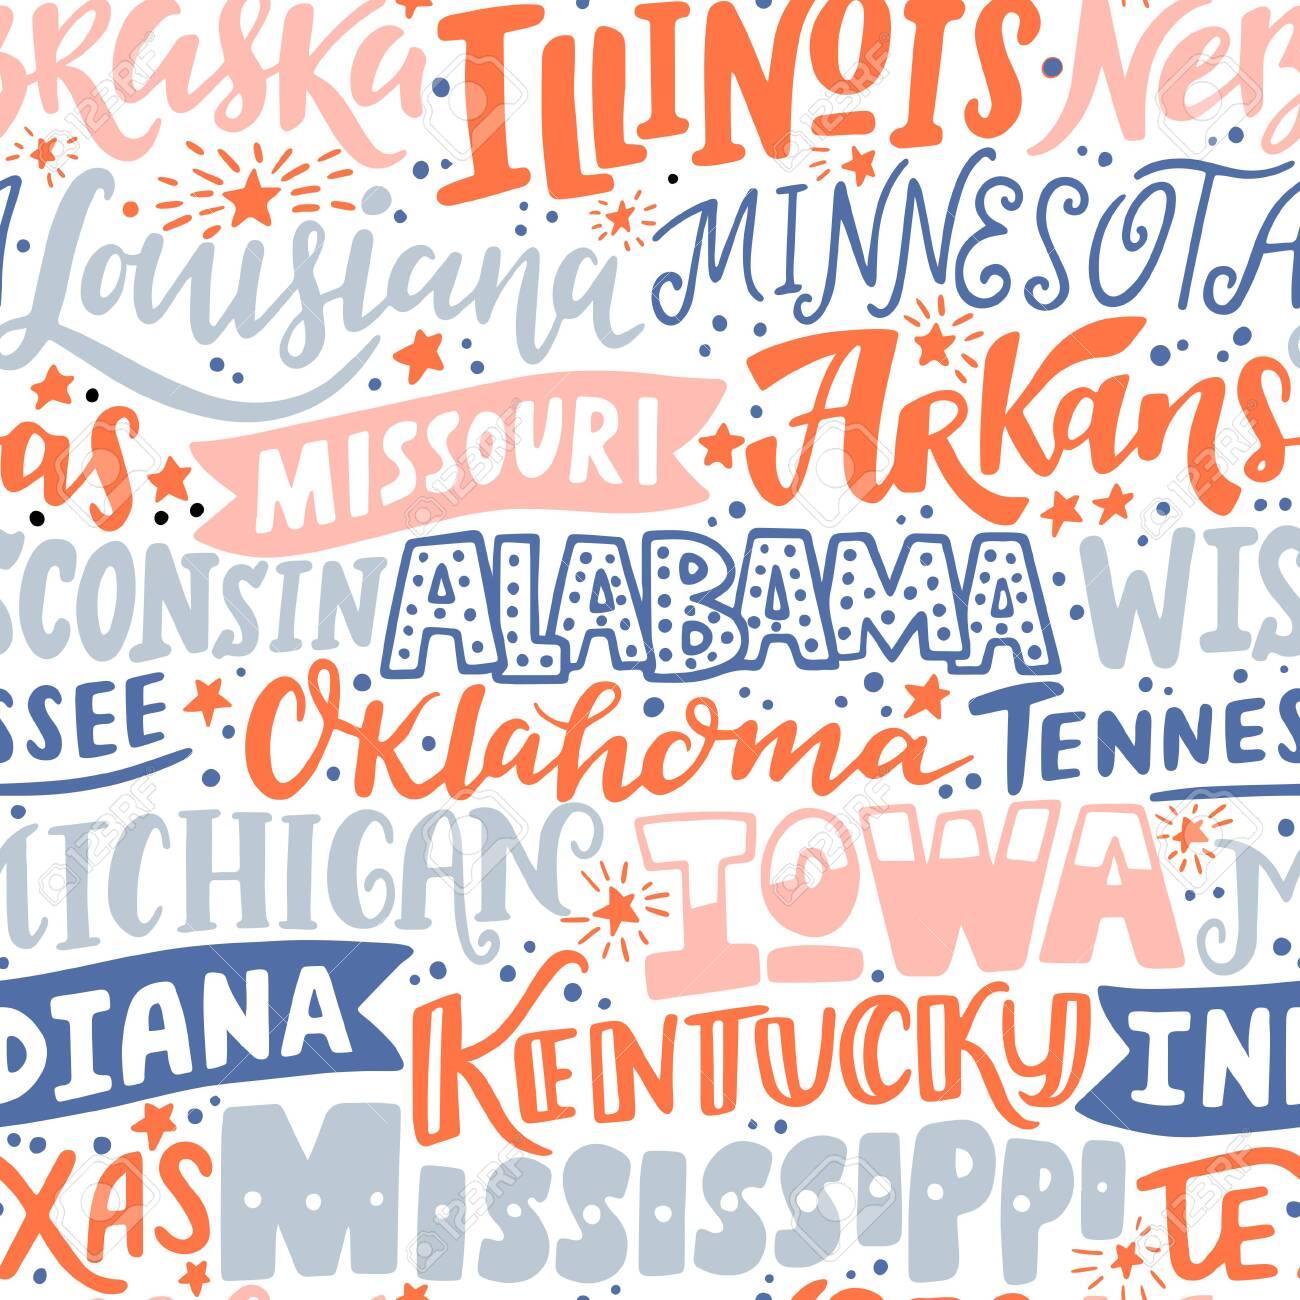 Vector seamless pattern with USA states. Illinois, Nebraska, Louisiana, Arkansas, Missouri, Wisconsin, Alabama, Tennessee, Oklahoma, Michigan, Iowa, Indiana, Kentucky, Texas, Mississippi - 150409973